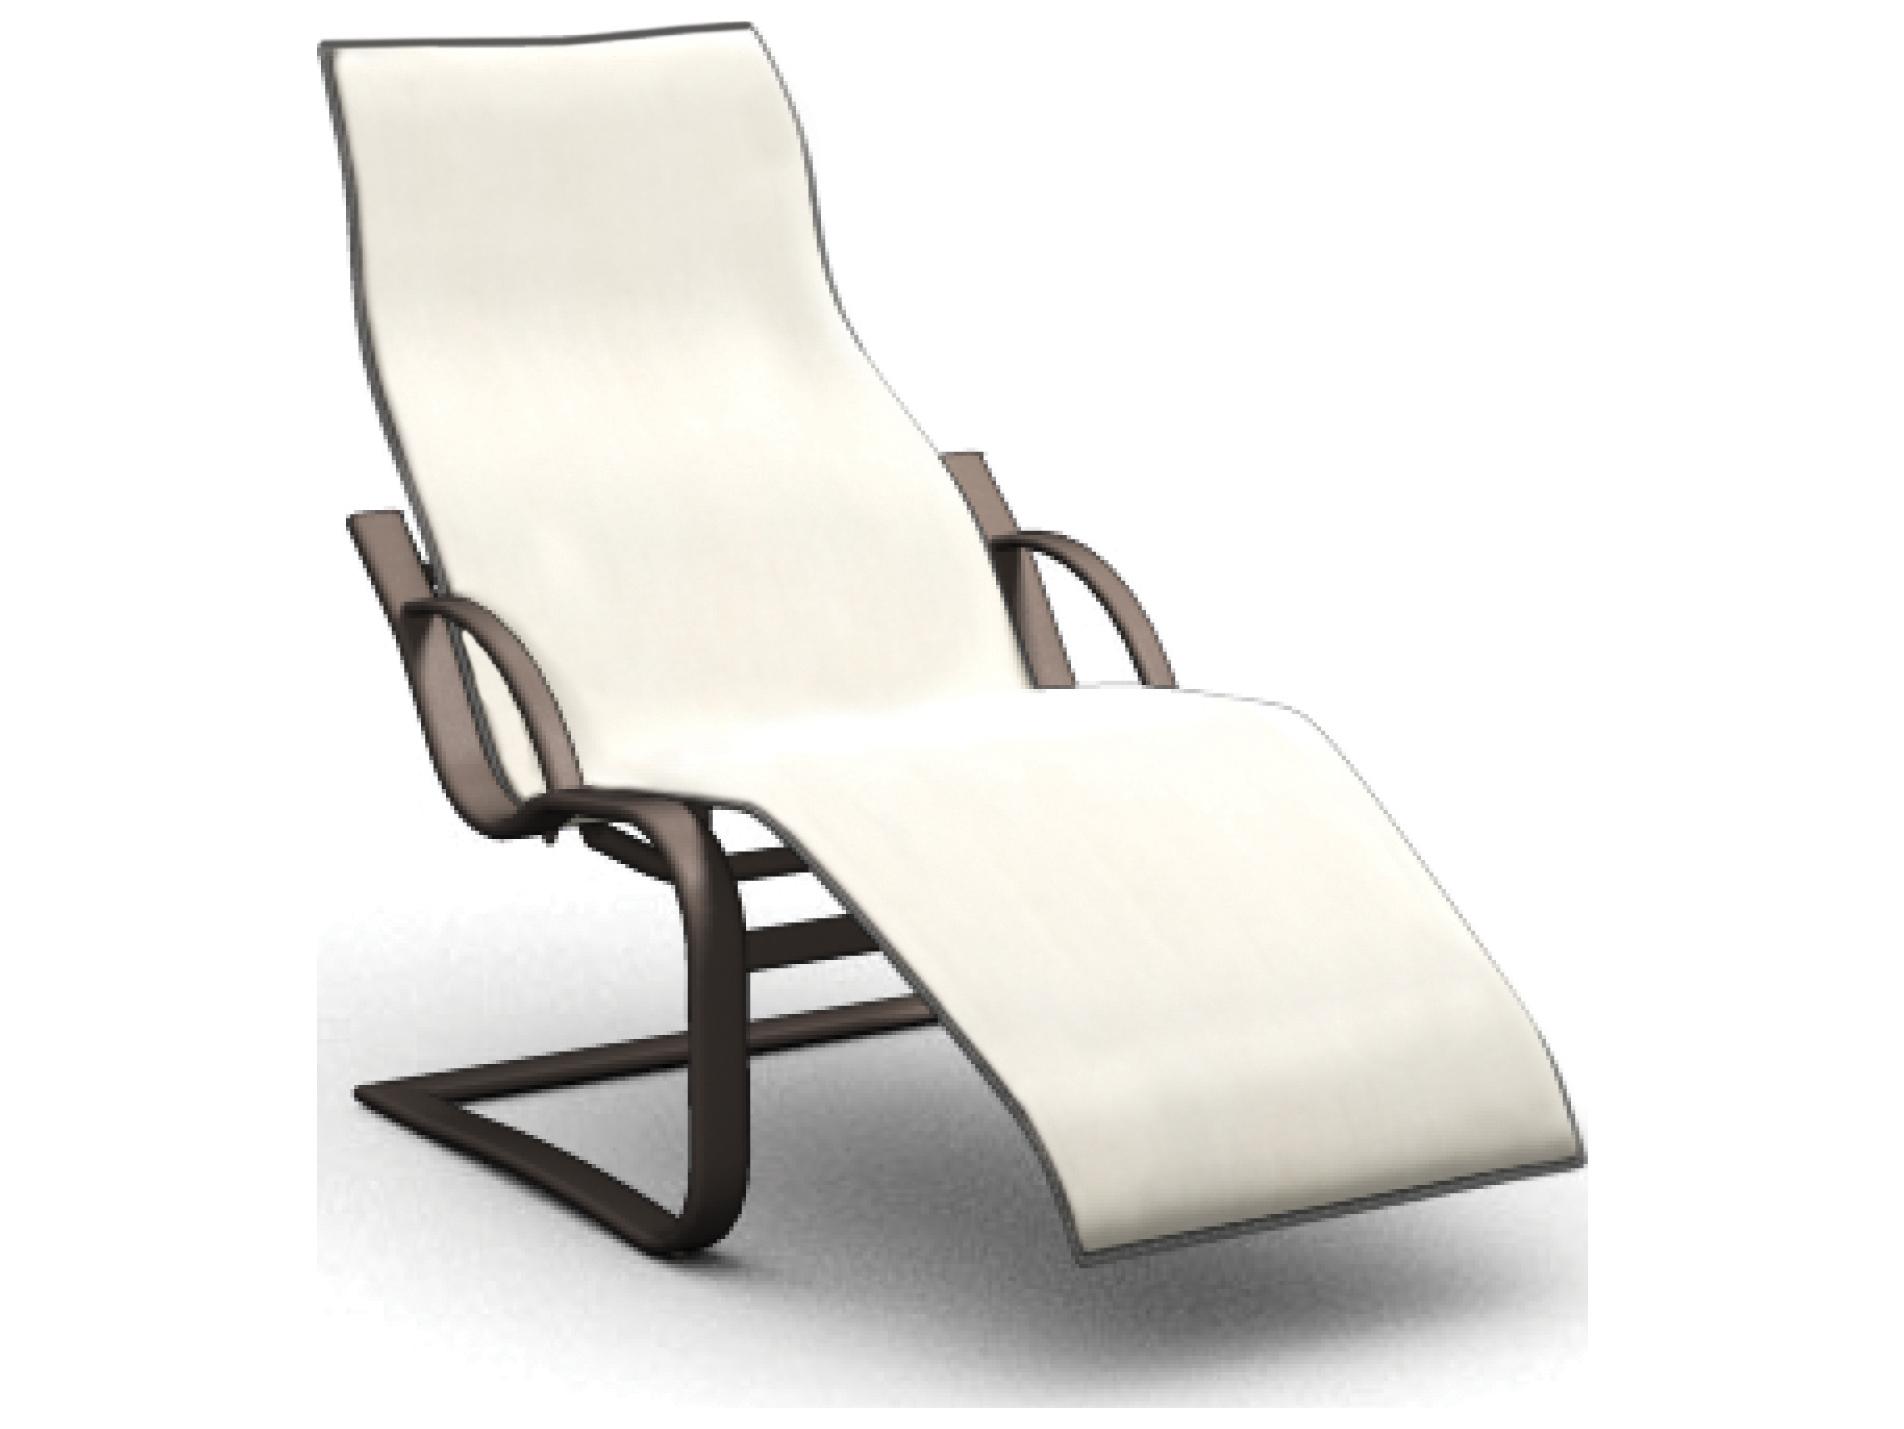 Homecrest Lana Sling Aluminum Spring Base Chaise 44500